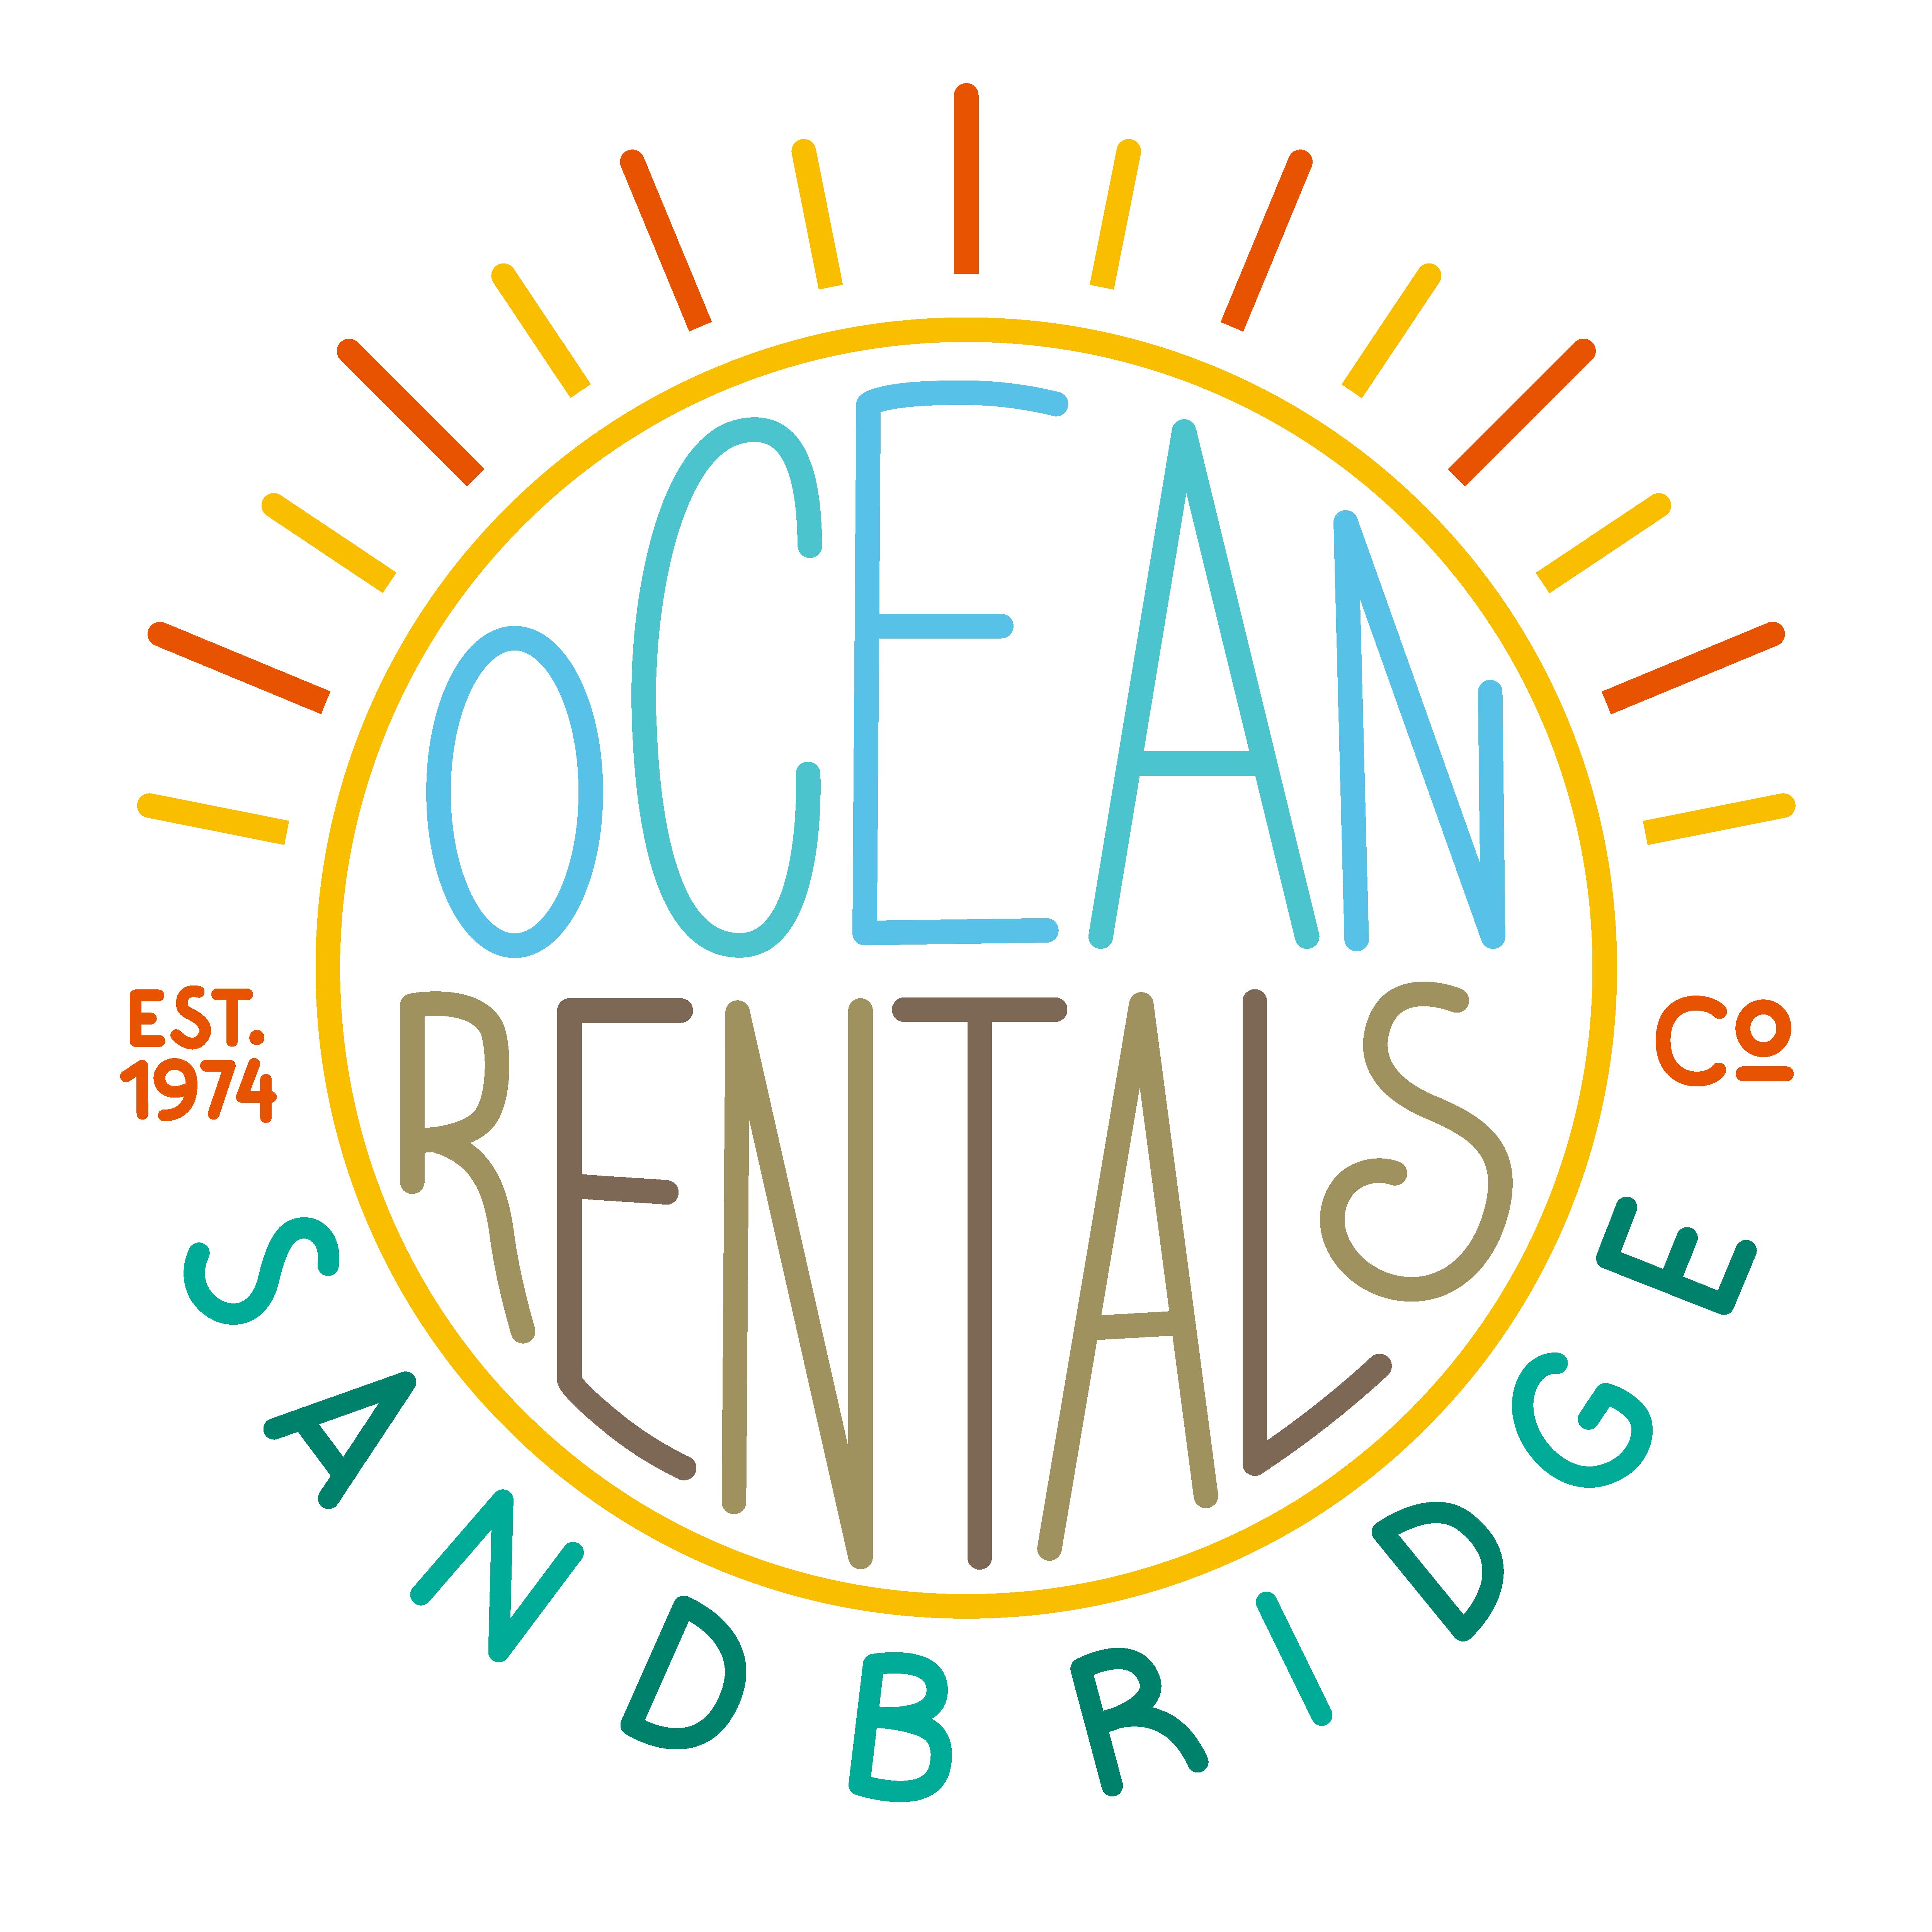 Ocean Rentals